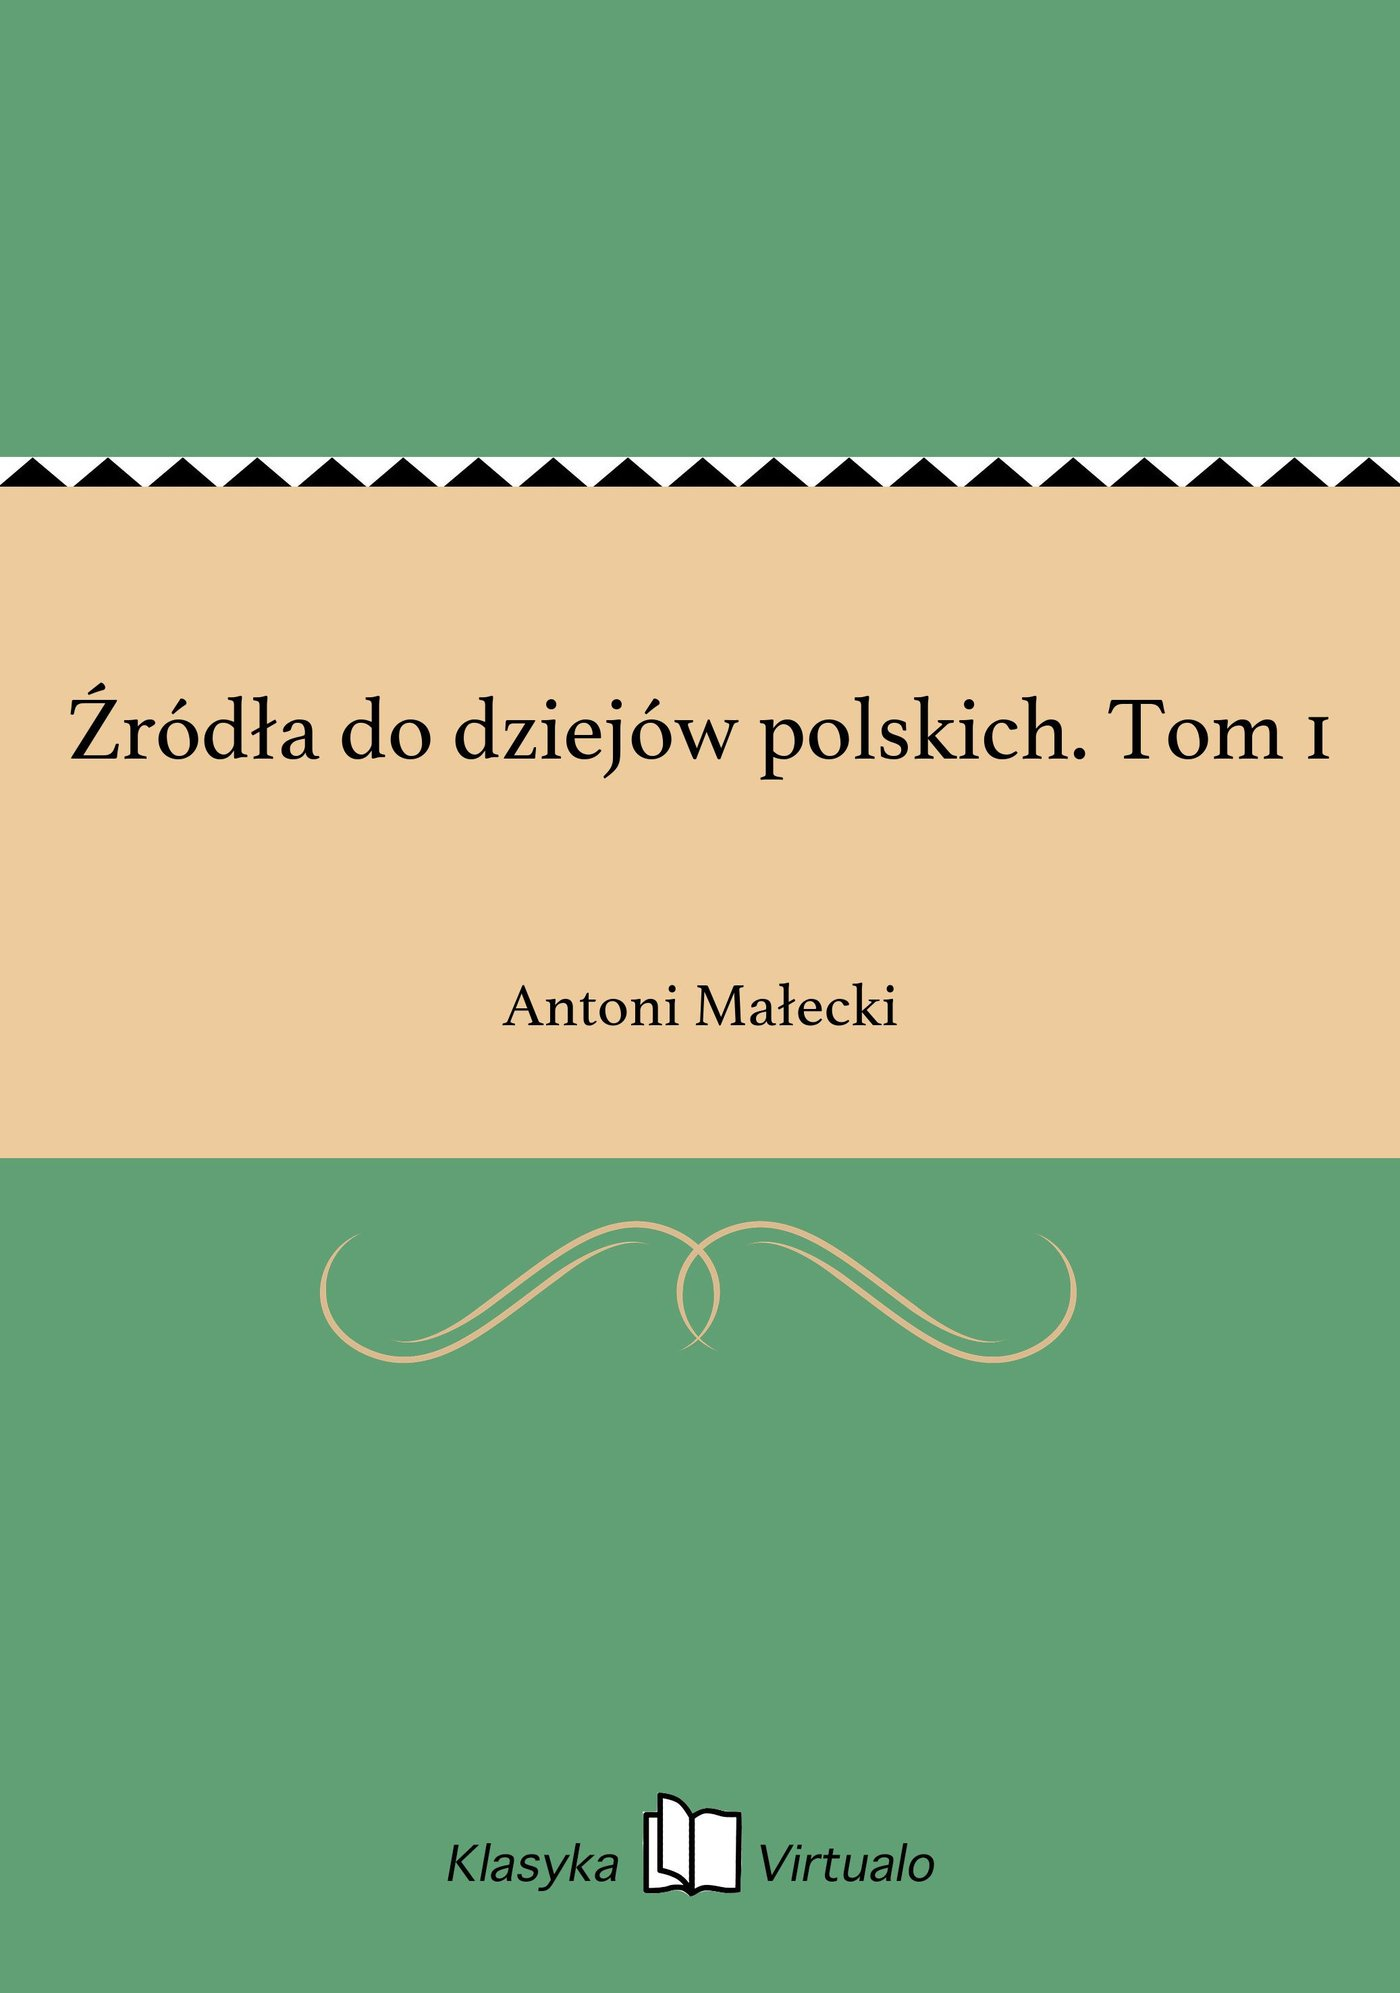 Źródła do dziejów polskich. Tom 1 - Ebook (Książka na Kindle) do pobrania w formacie MOBI